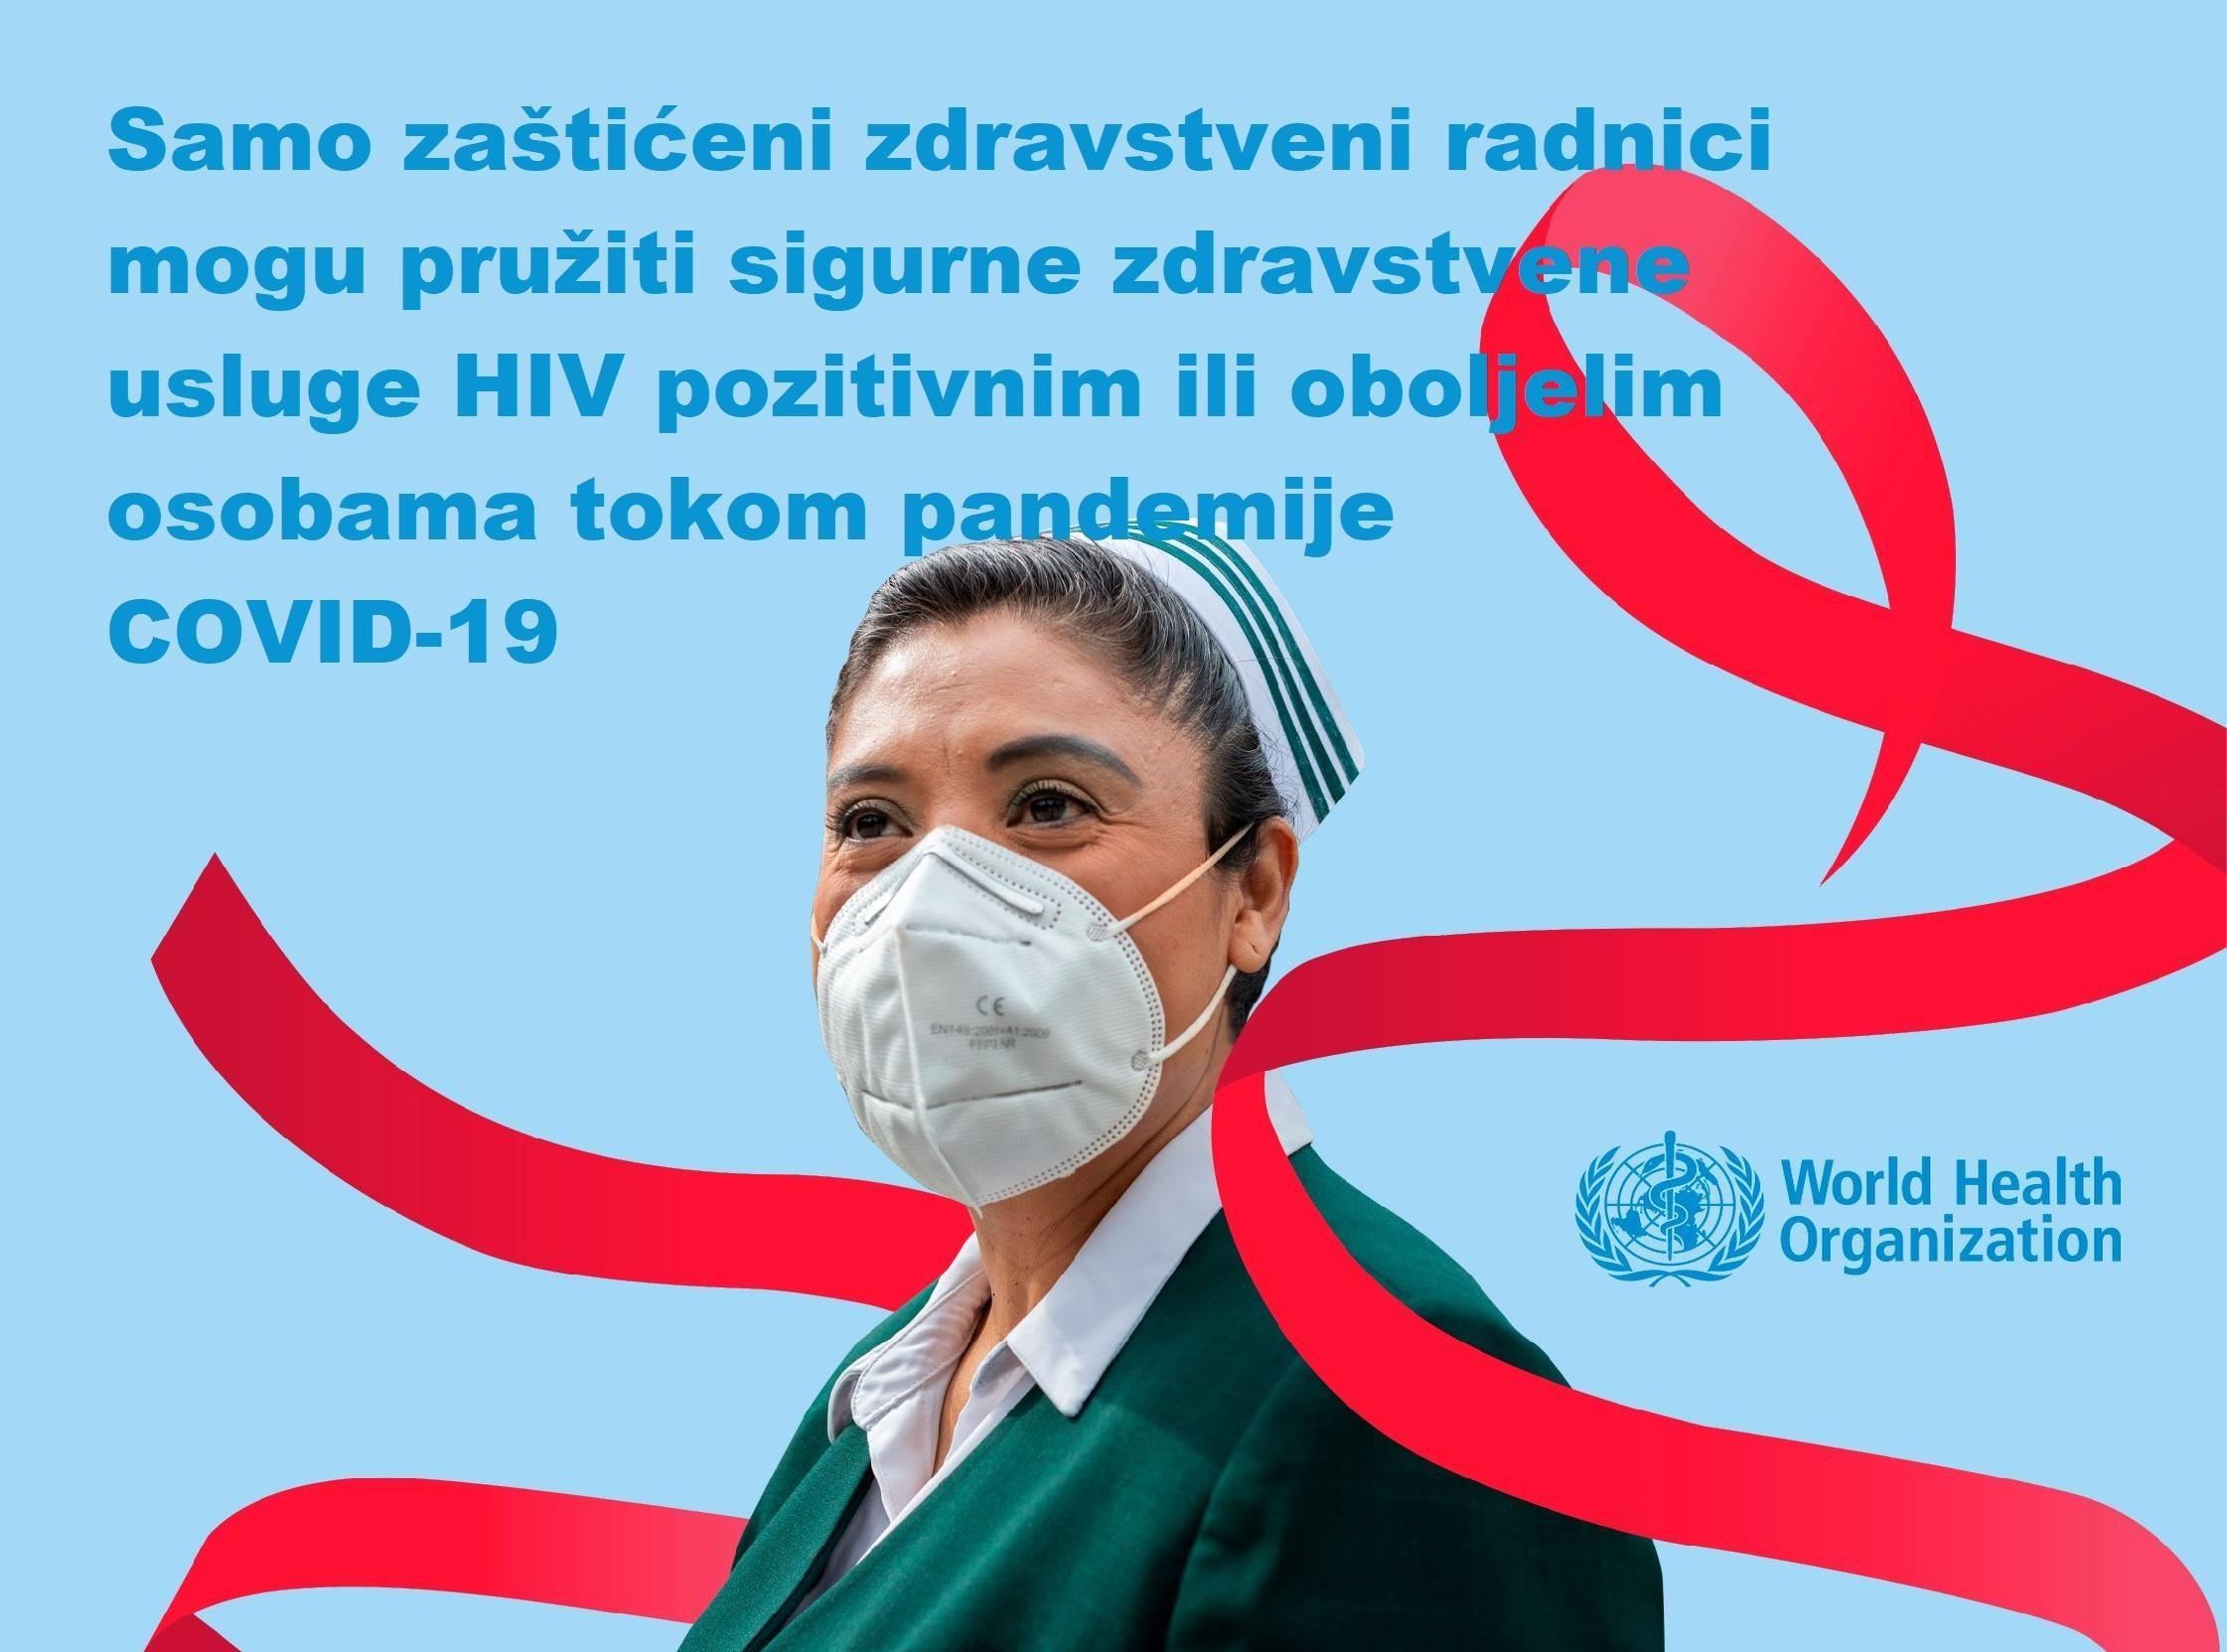 1.12. Svjetski dan borbe protiv AIDS-a još značajniji tokom COVID-19 pandemije